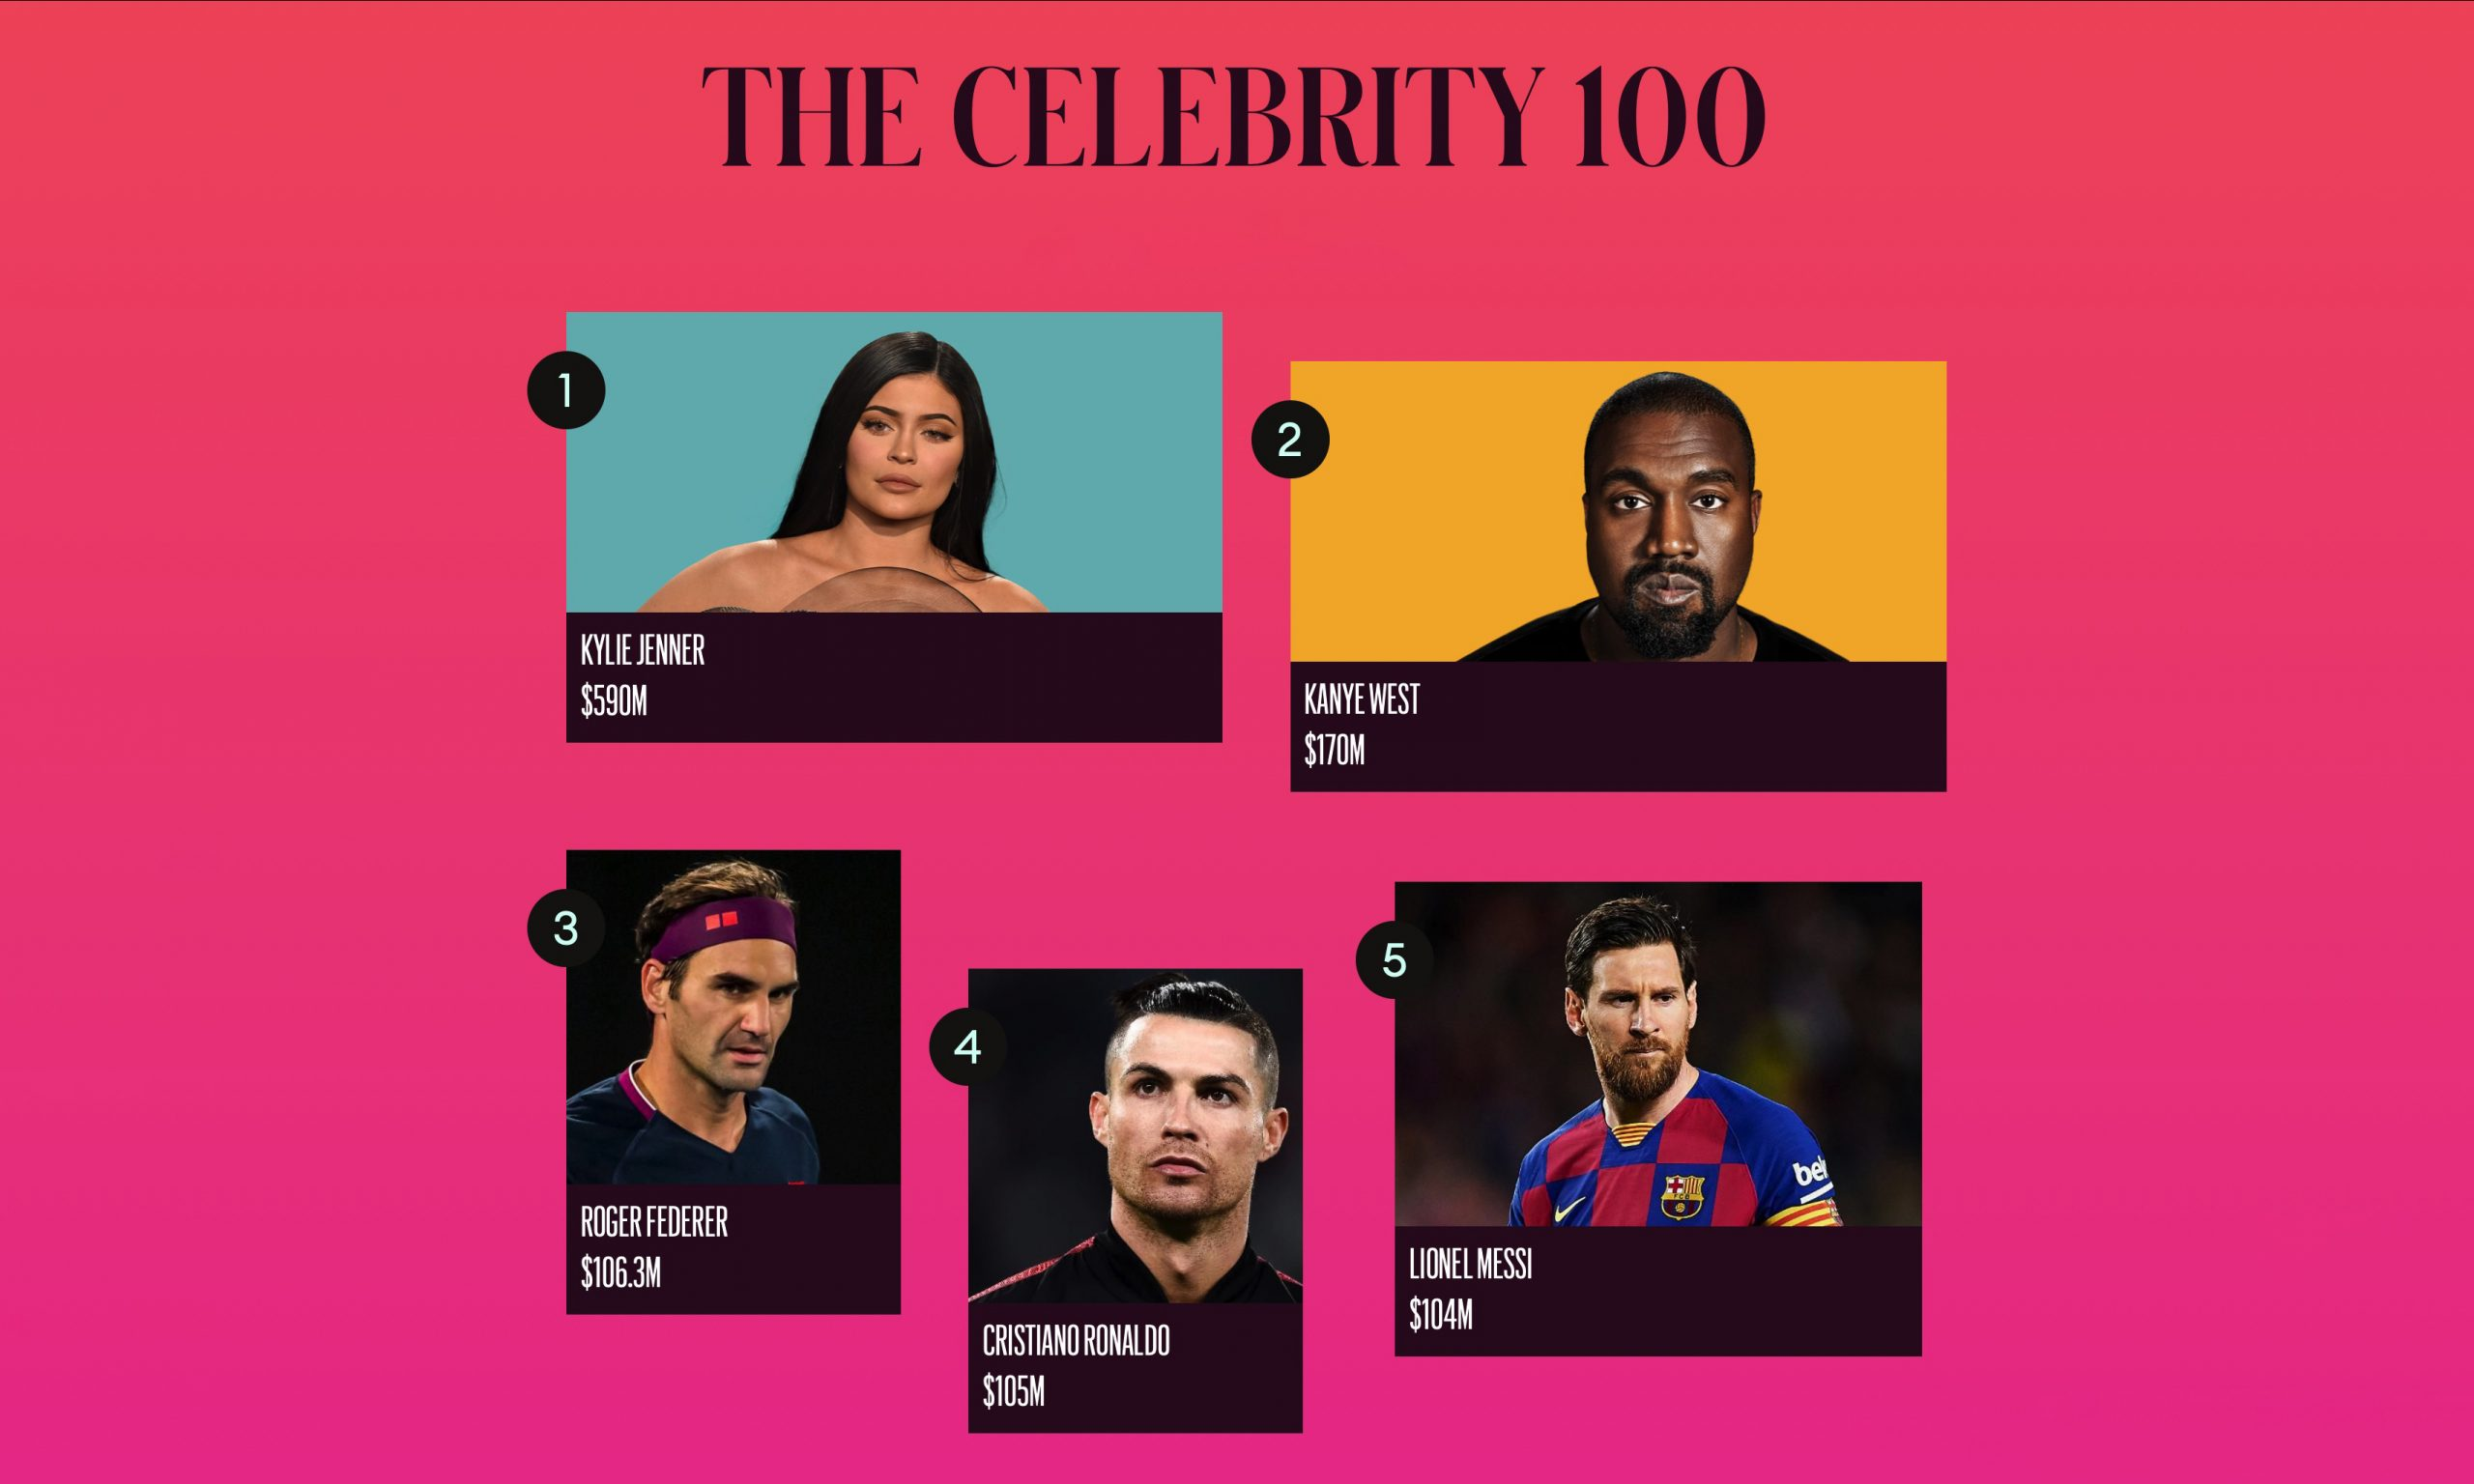 福布斯发布 2020 年明星富豪榜 Top 100,Kylie Jenner 登顶